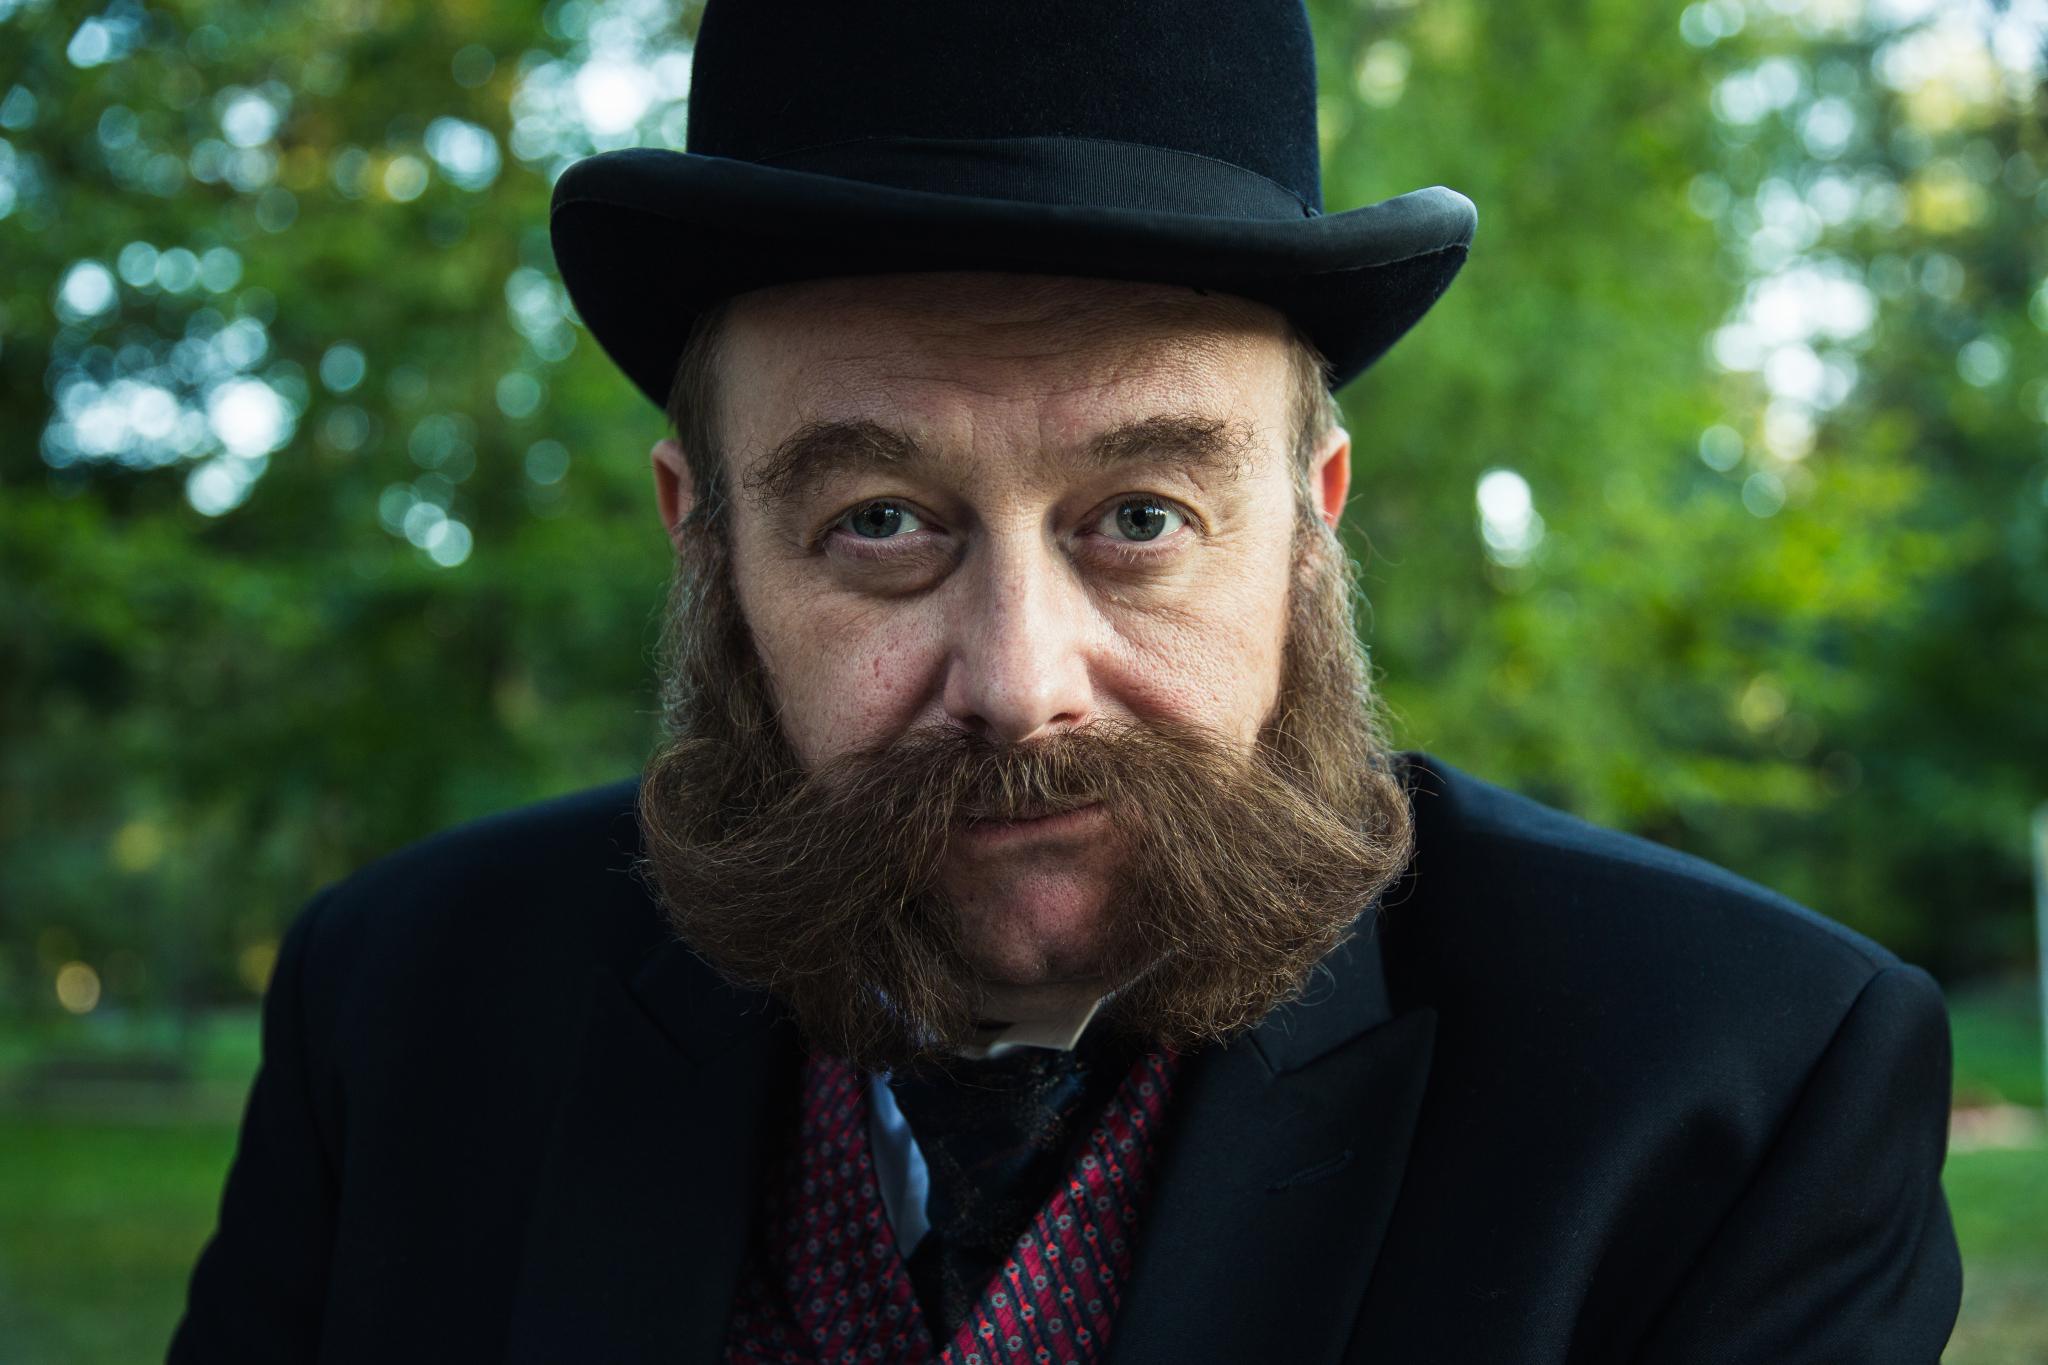 Olaf Lubaszenko - Jelinek